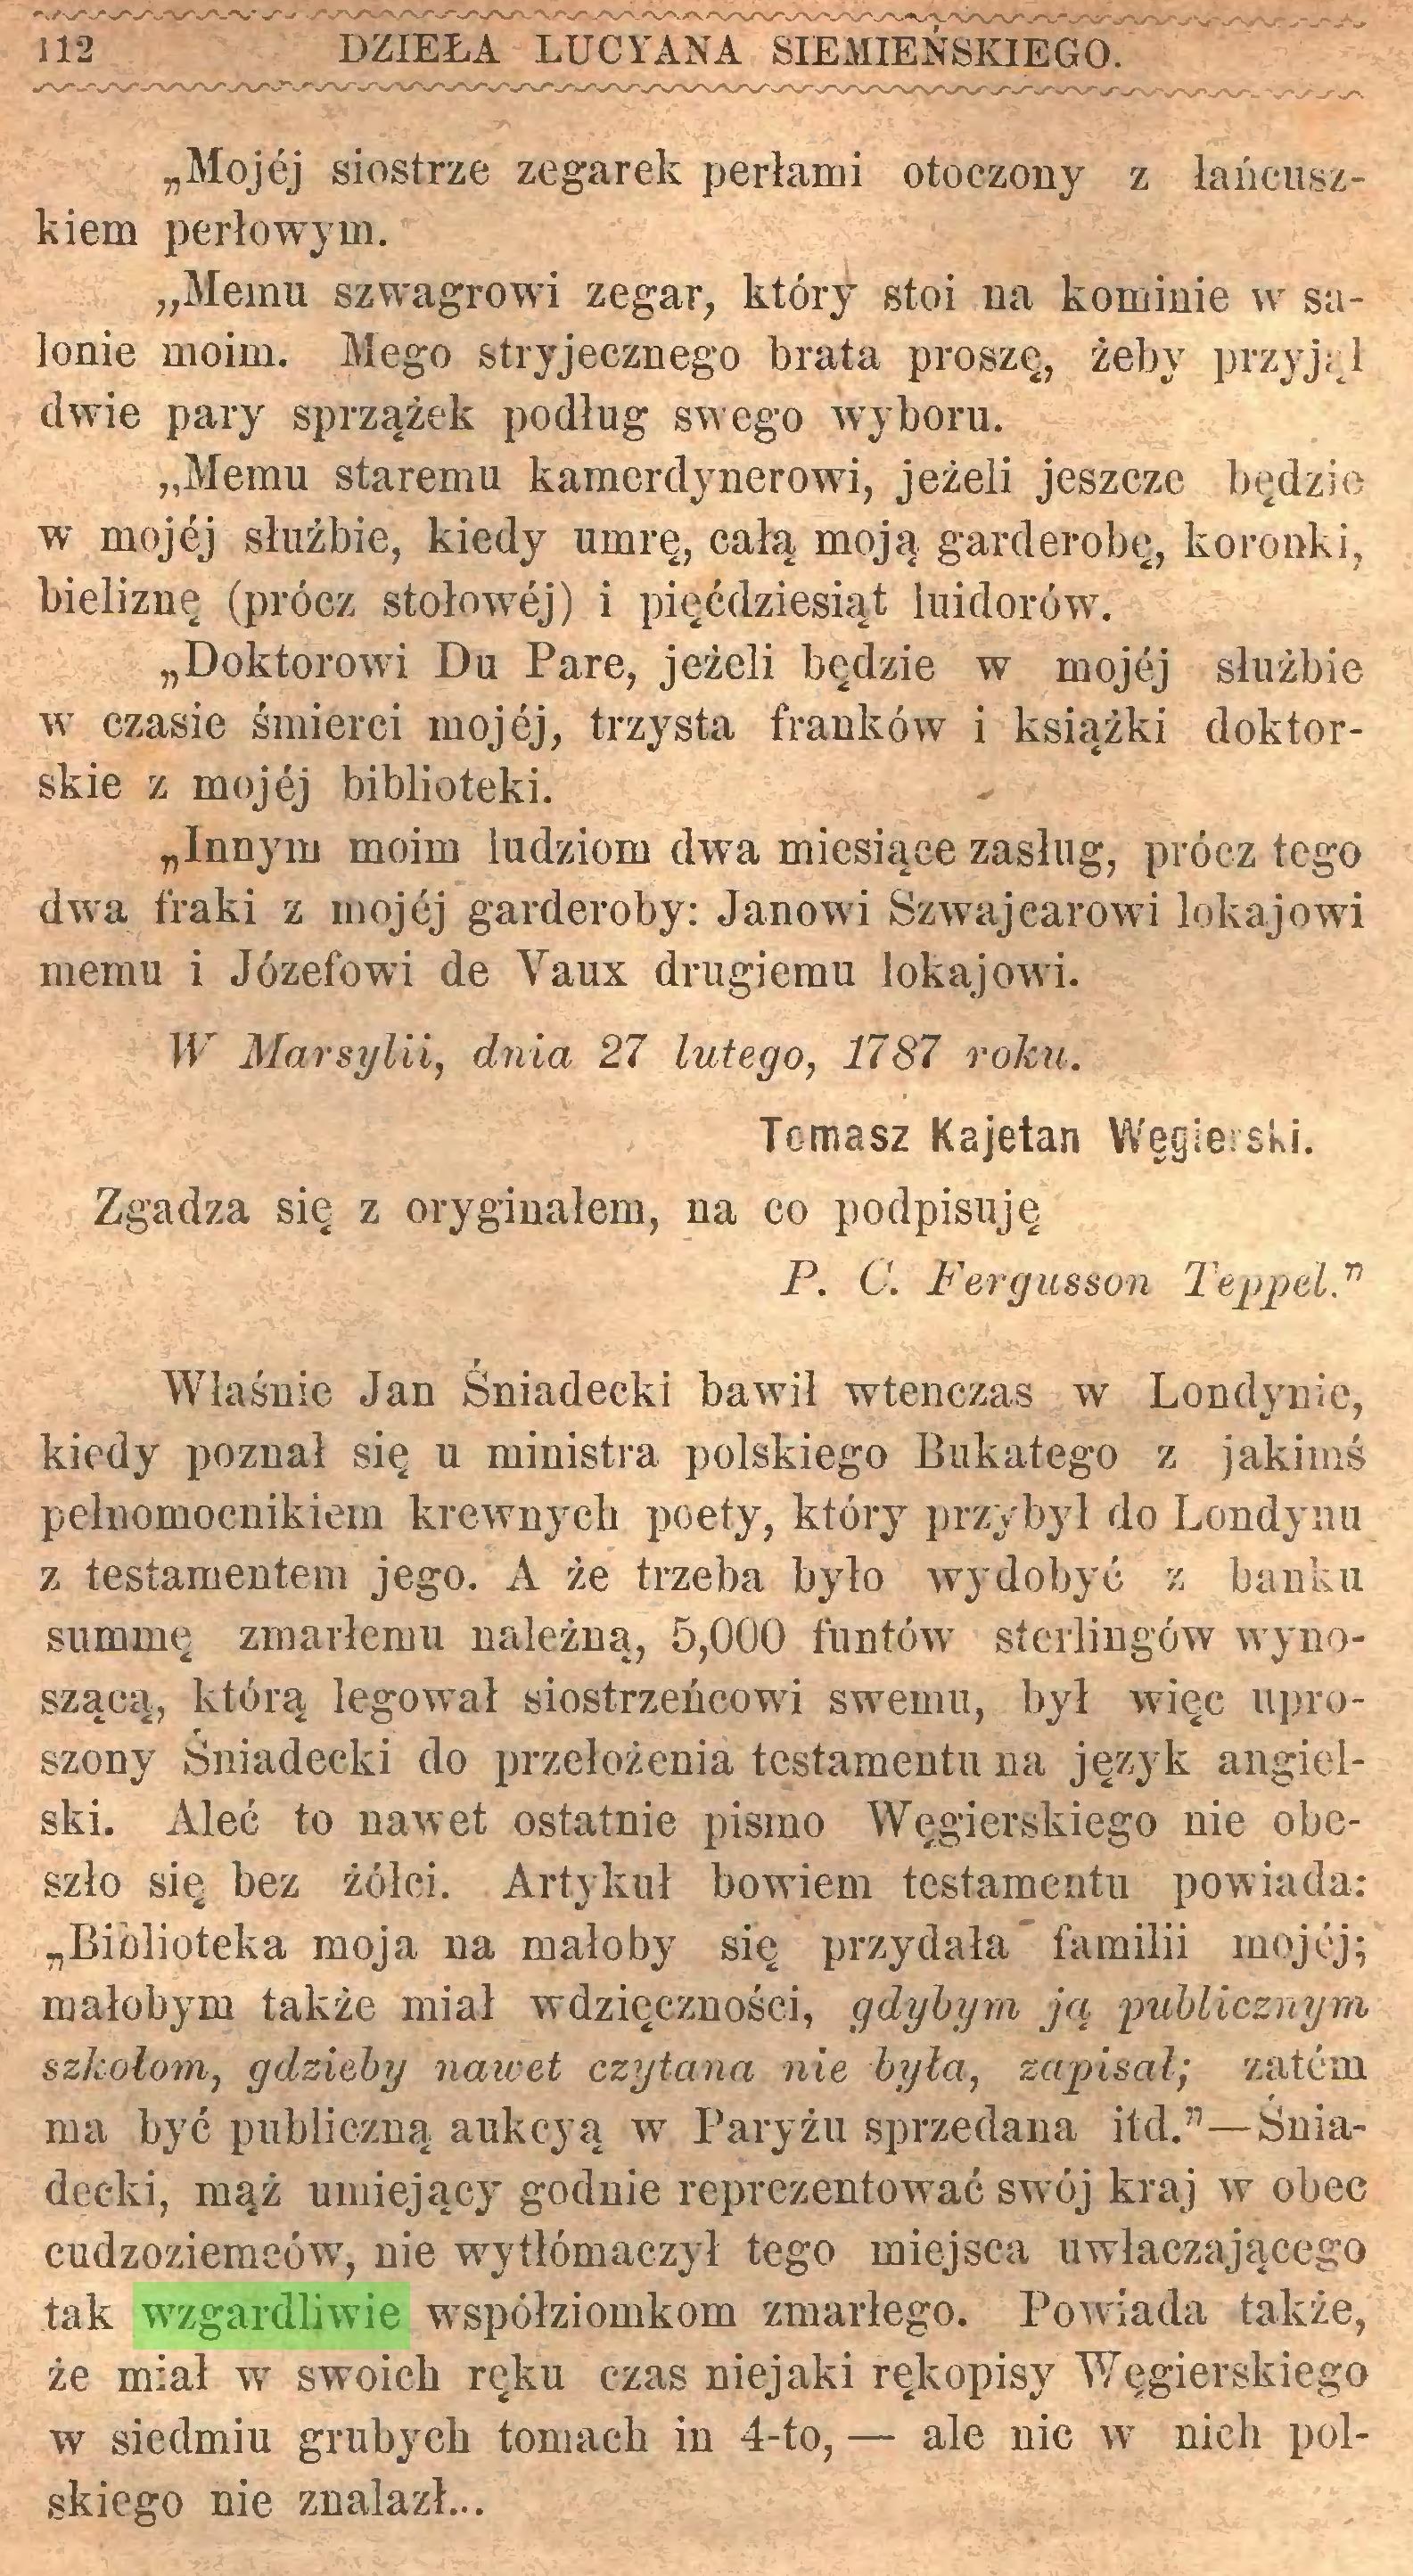 """(...) ma być publiczną aukcyą w Paryżu sprzedana itd.""""—Śniadecki, mąż umiejący godnie reprezentować swój kraj w obec cudzoziemców, nie wytłómaczył tego miejsca uwłaczającego tak wzgardliwie współziomkom zmarłego. Powiada także, że miał w swoich ręku czas niejaki rękopisy Węgierskiego w siedmiu grubych tomach in 4-to, — ale nic w nich polskiego nie znalazł... KAJETAN WĘGIERSKI. 113..."""